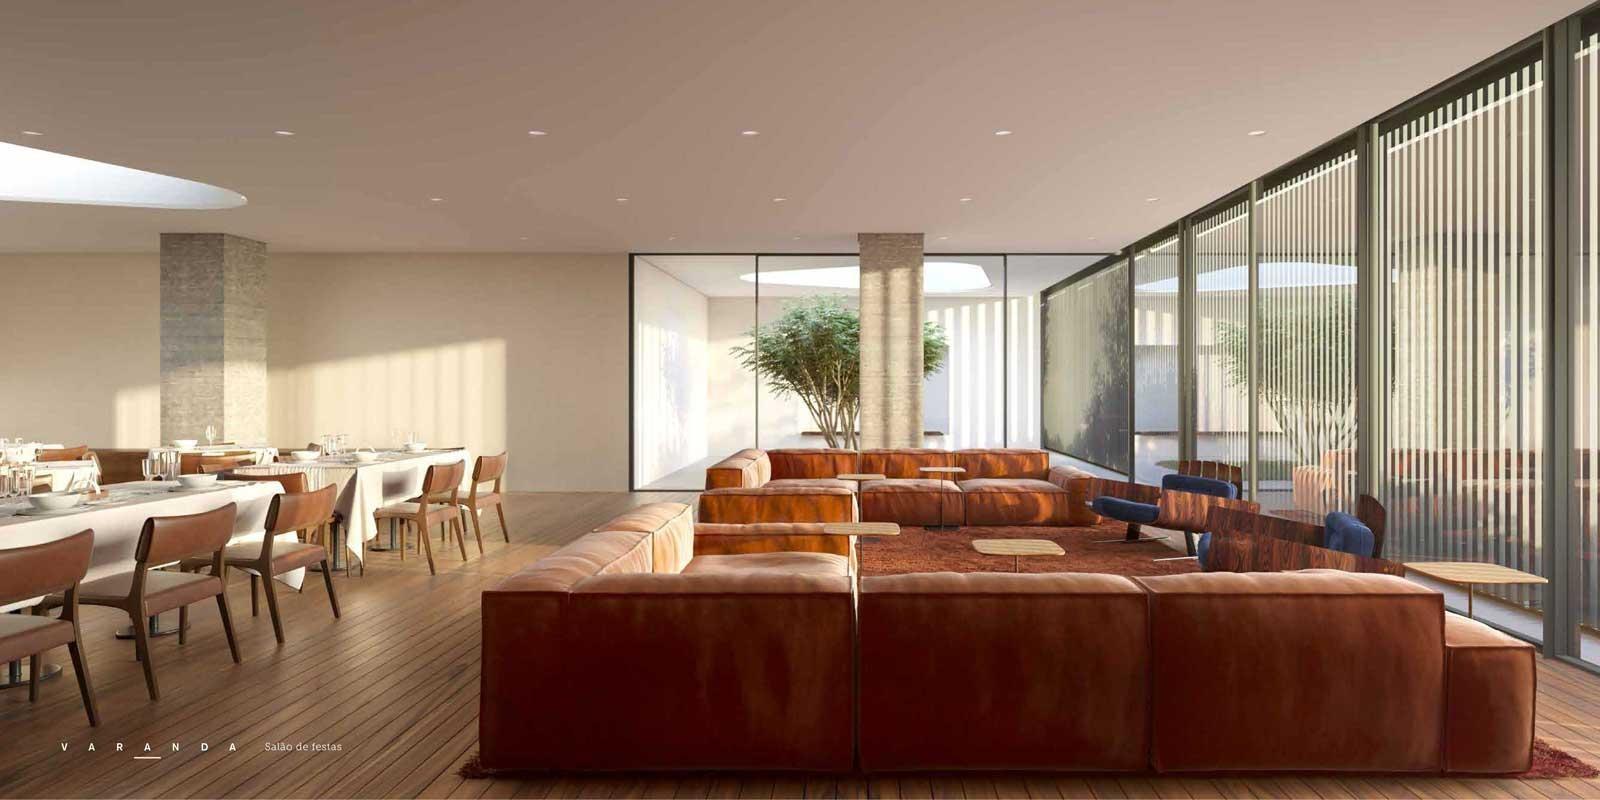 TPS Imóveis - Veja Foto 22 de 40 do Apartamento com 3 Suites no bairro Petrópolis, Porto Alegre